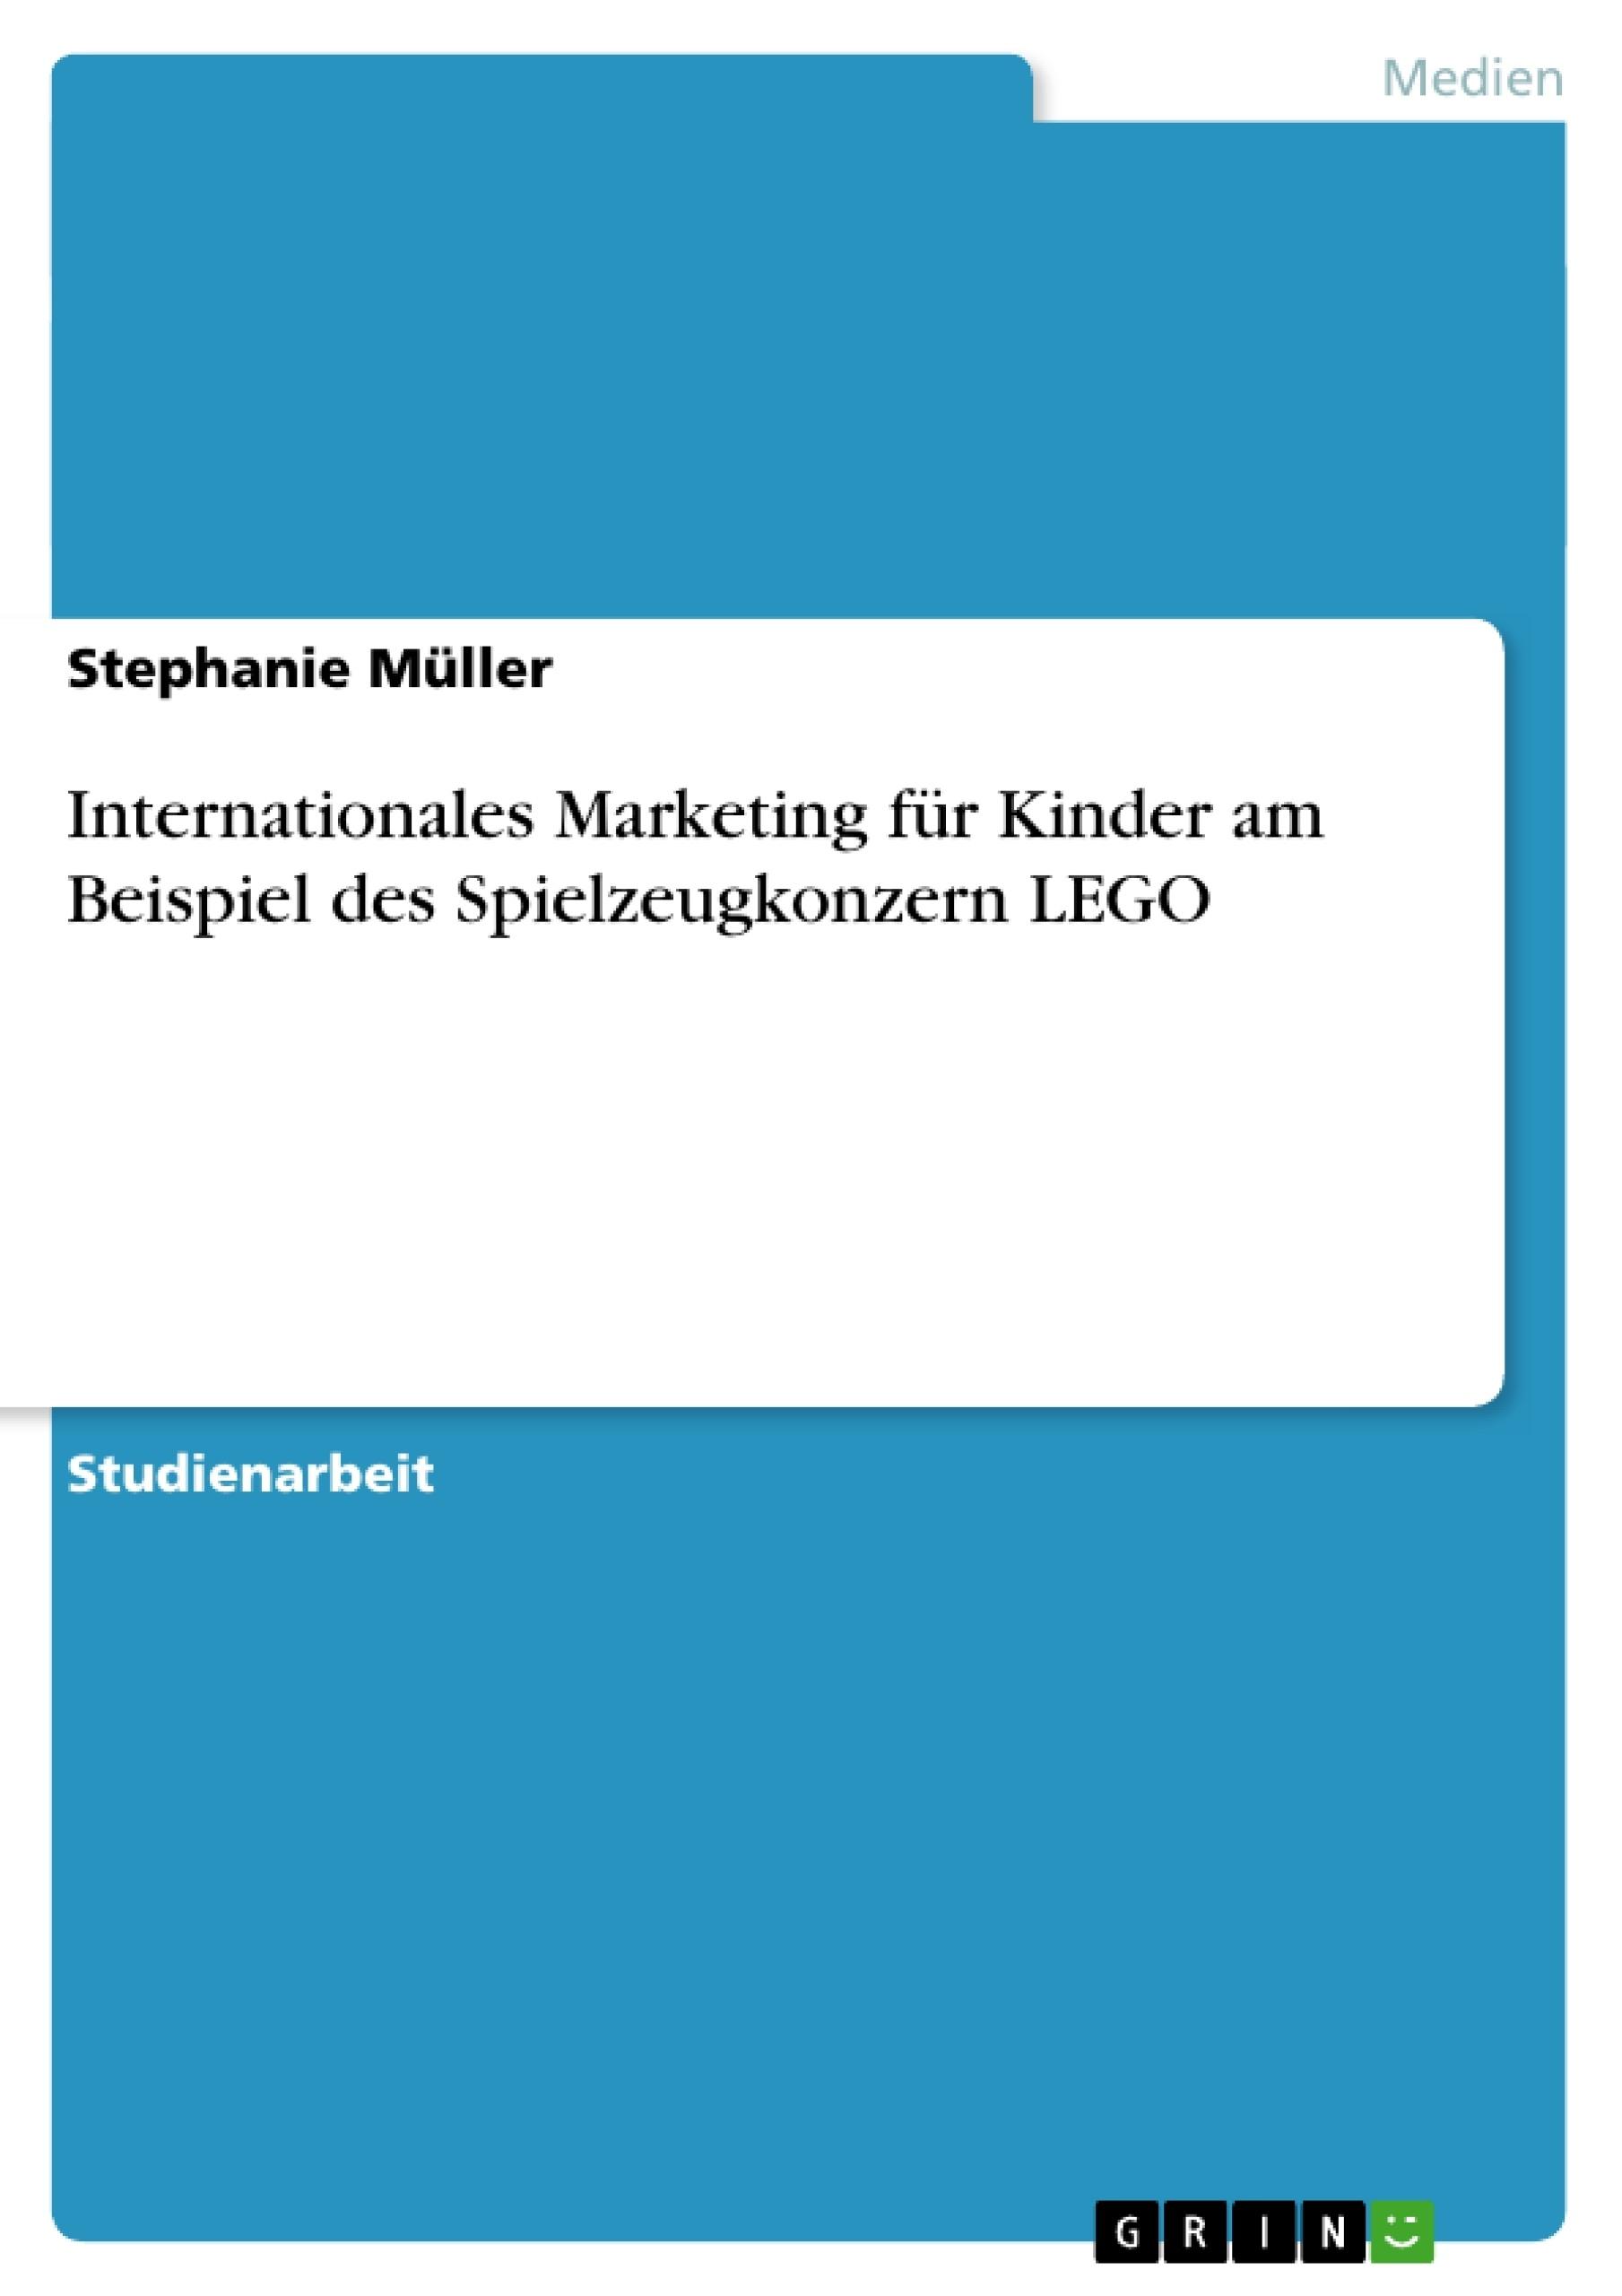 Titel: Internationales Marketing für Kinder am Beispiel des Spielzeugkonzern LEGO